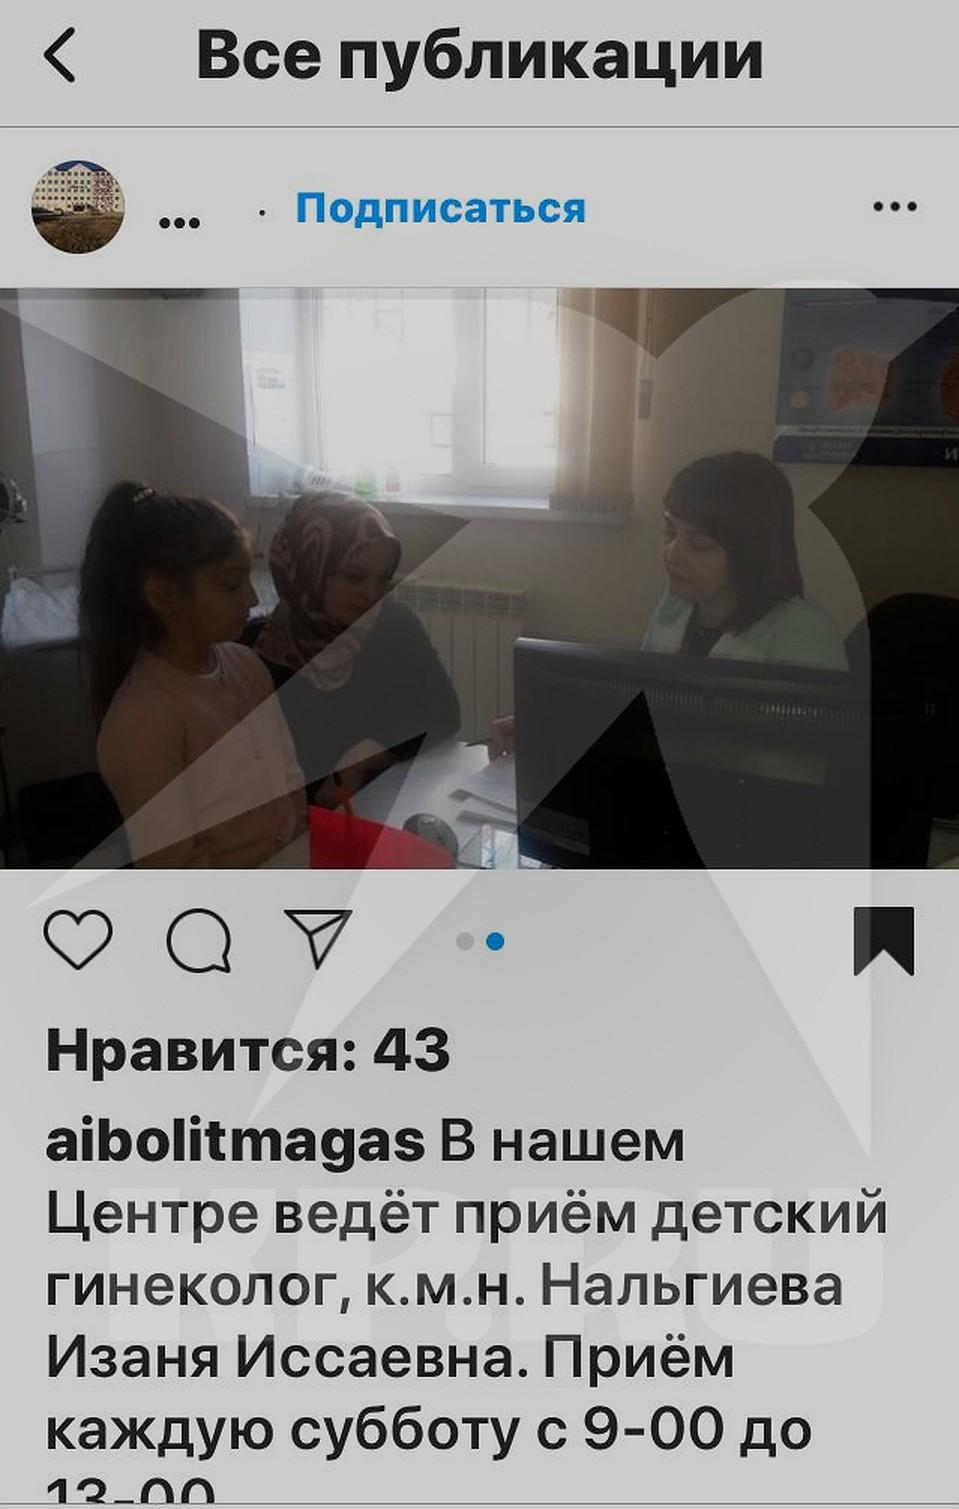 """""""Врач"""" Изаня Нальгиева предстала перед судом. Но понесет ли она заслуженное наказание? Фото: Дина КАРПИЦКАЯ"""